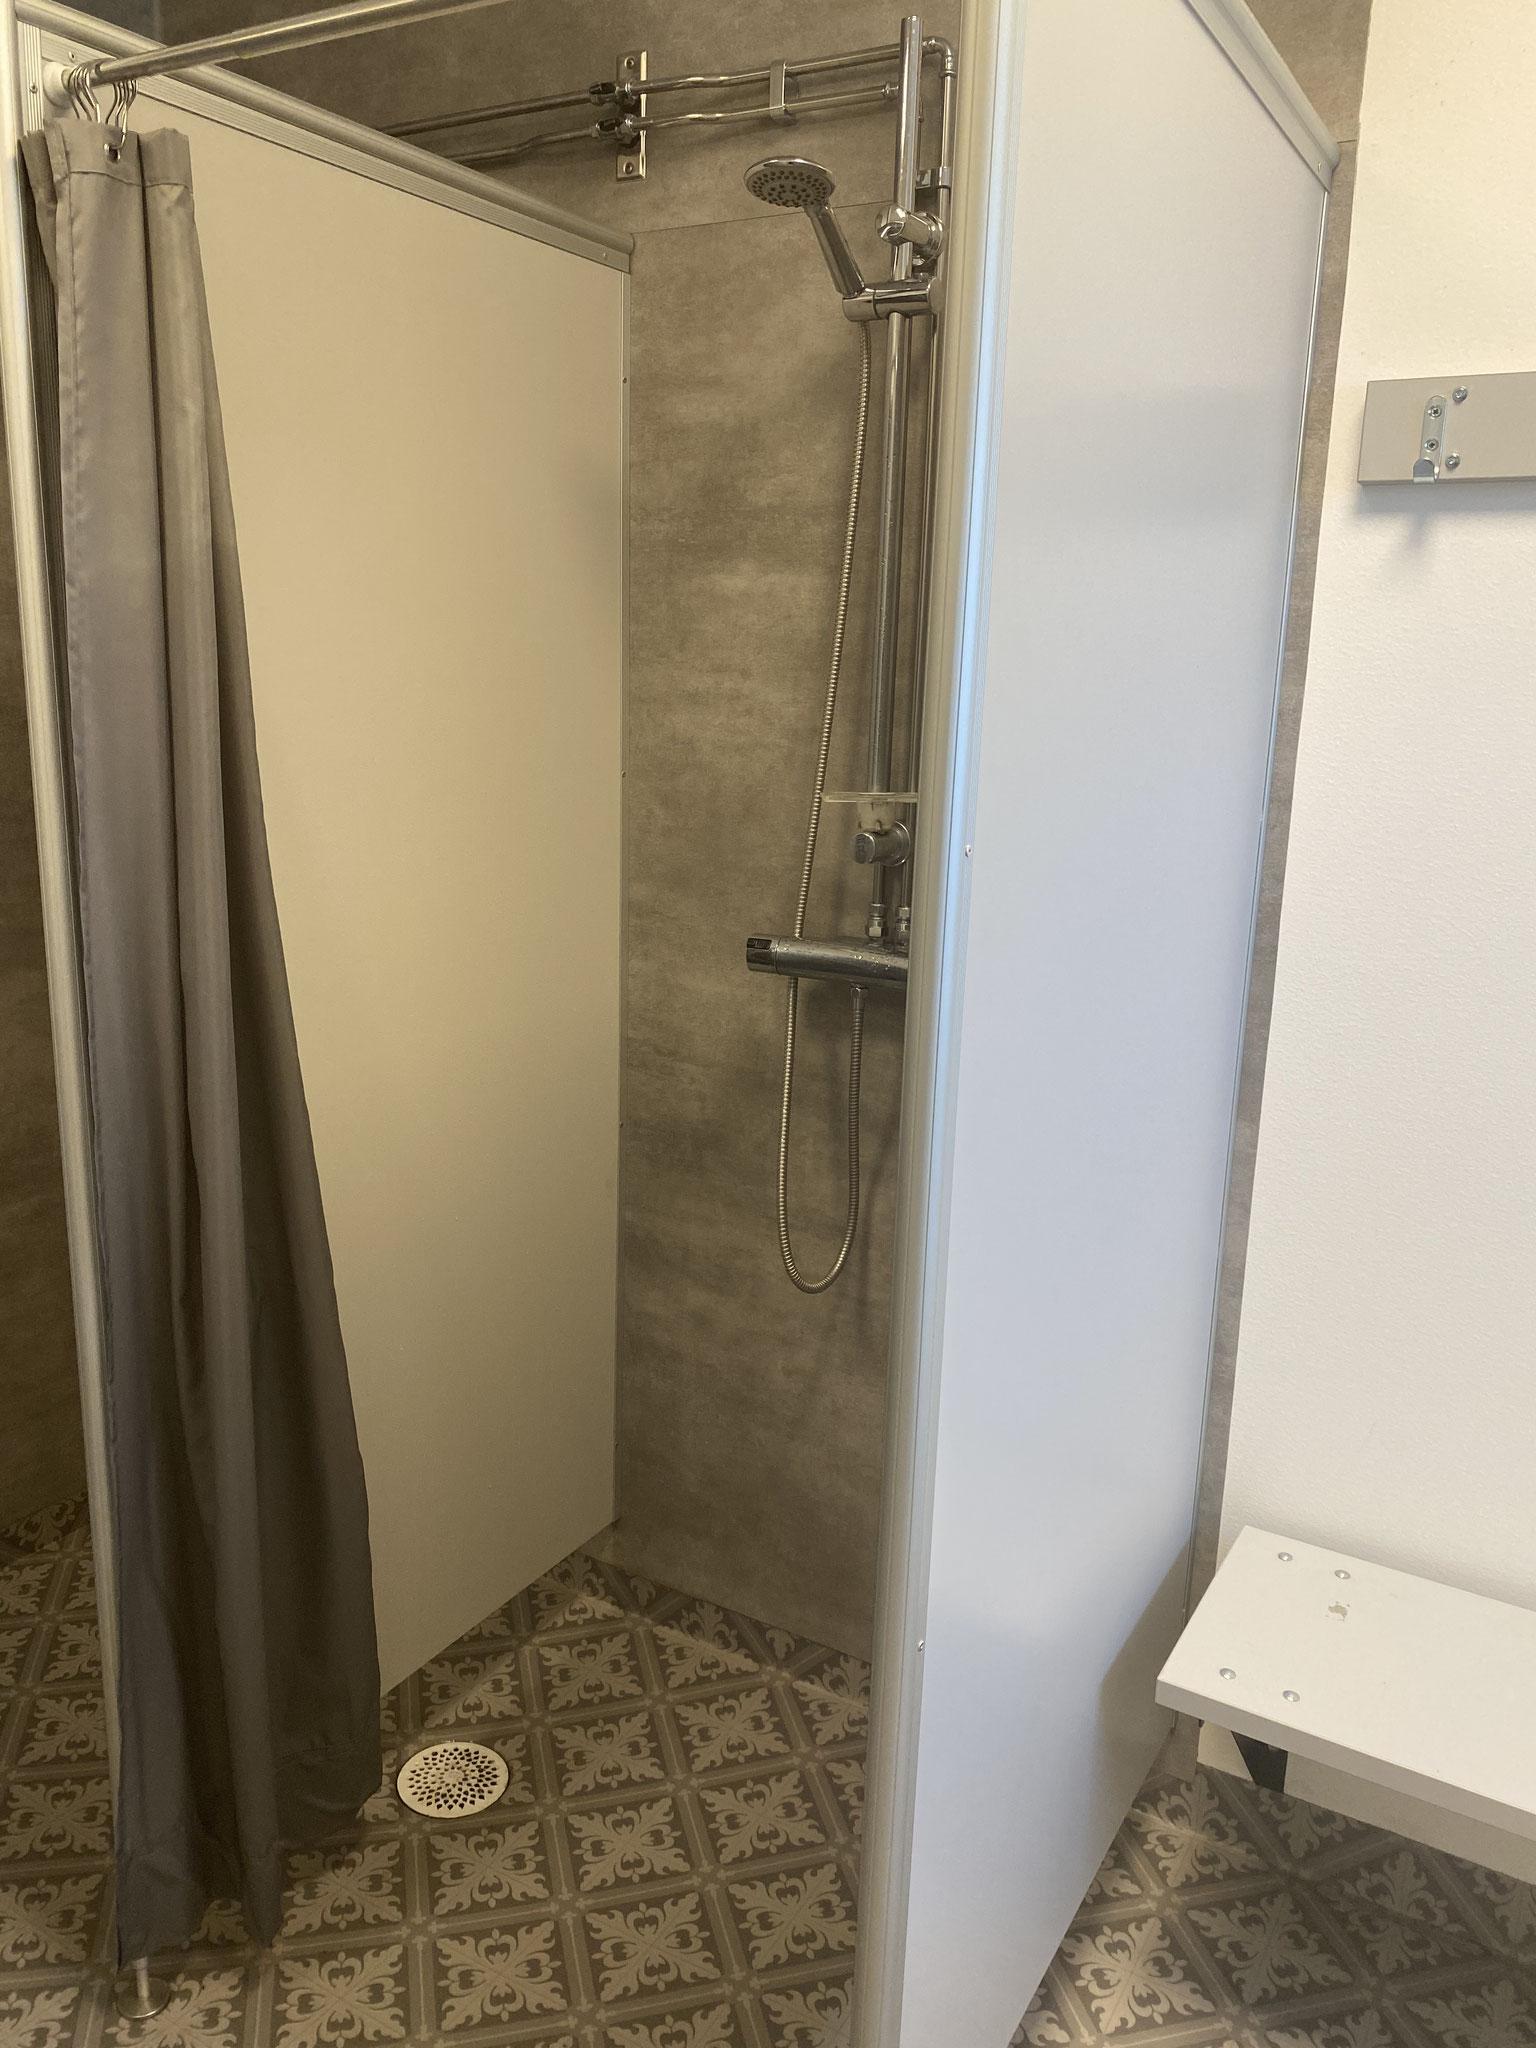 Väldigt praktiskt med vattentäta paneler på väggarna. Lättstädat och slippa skura fogarna som lätt blir ofräscha med tiden (Manges Padel, Garphyttan)